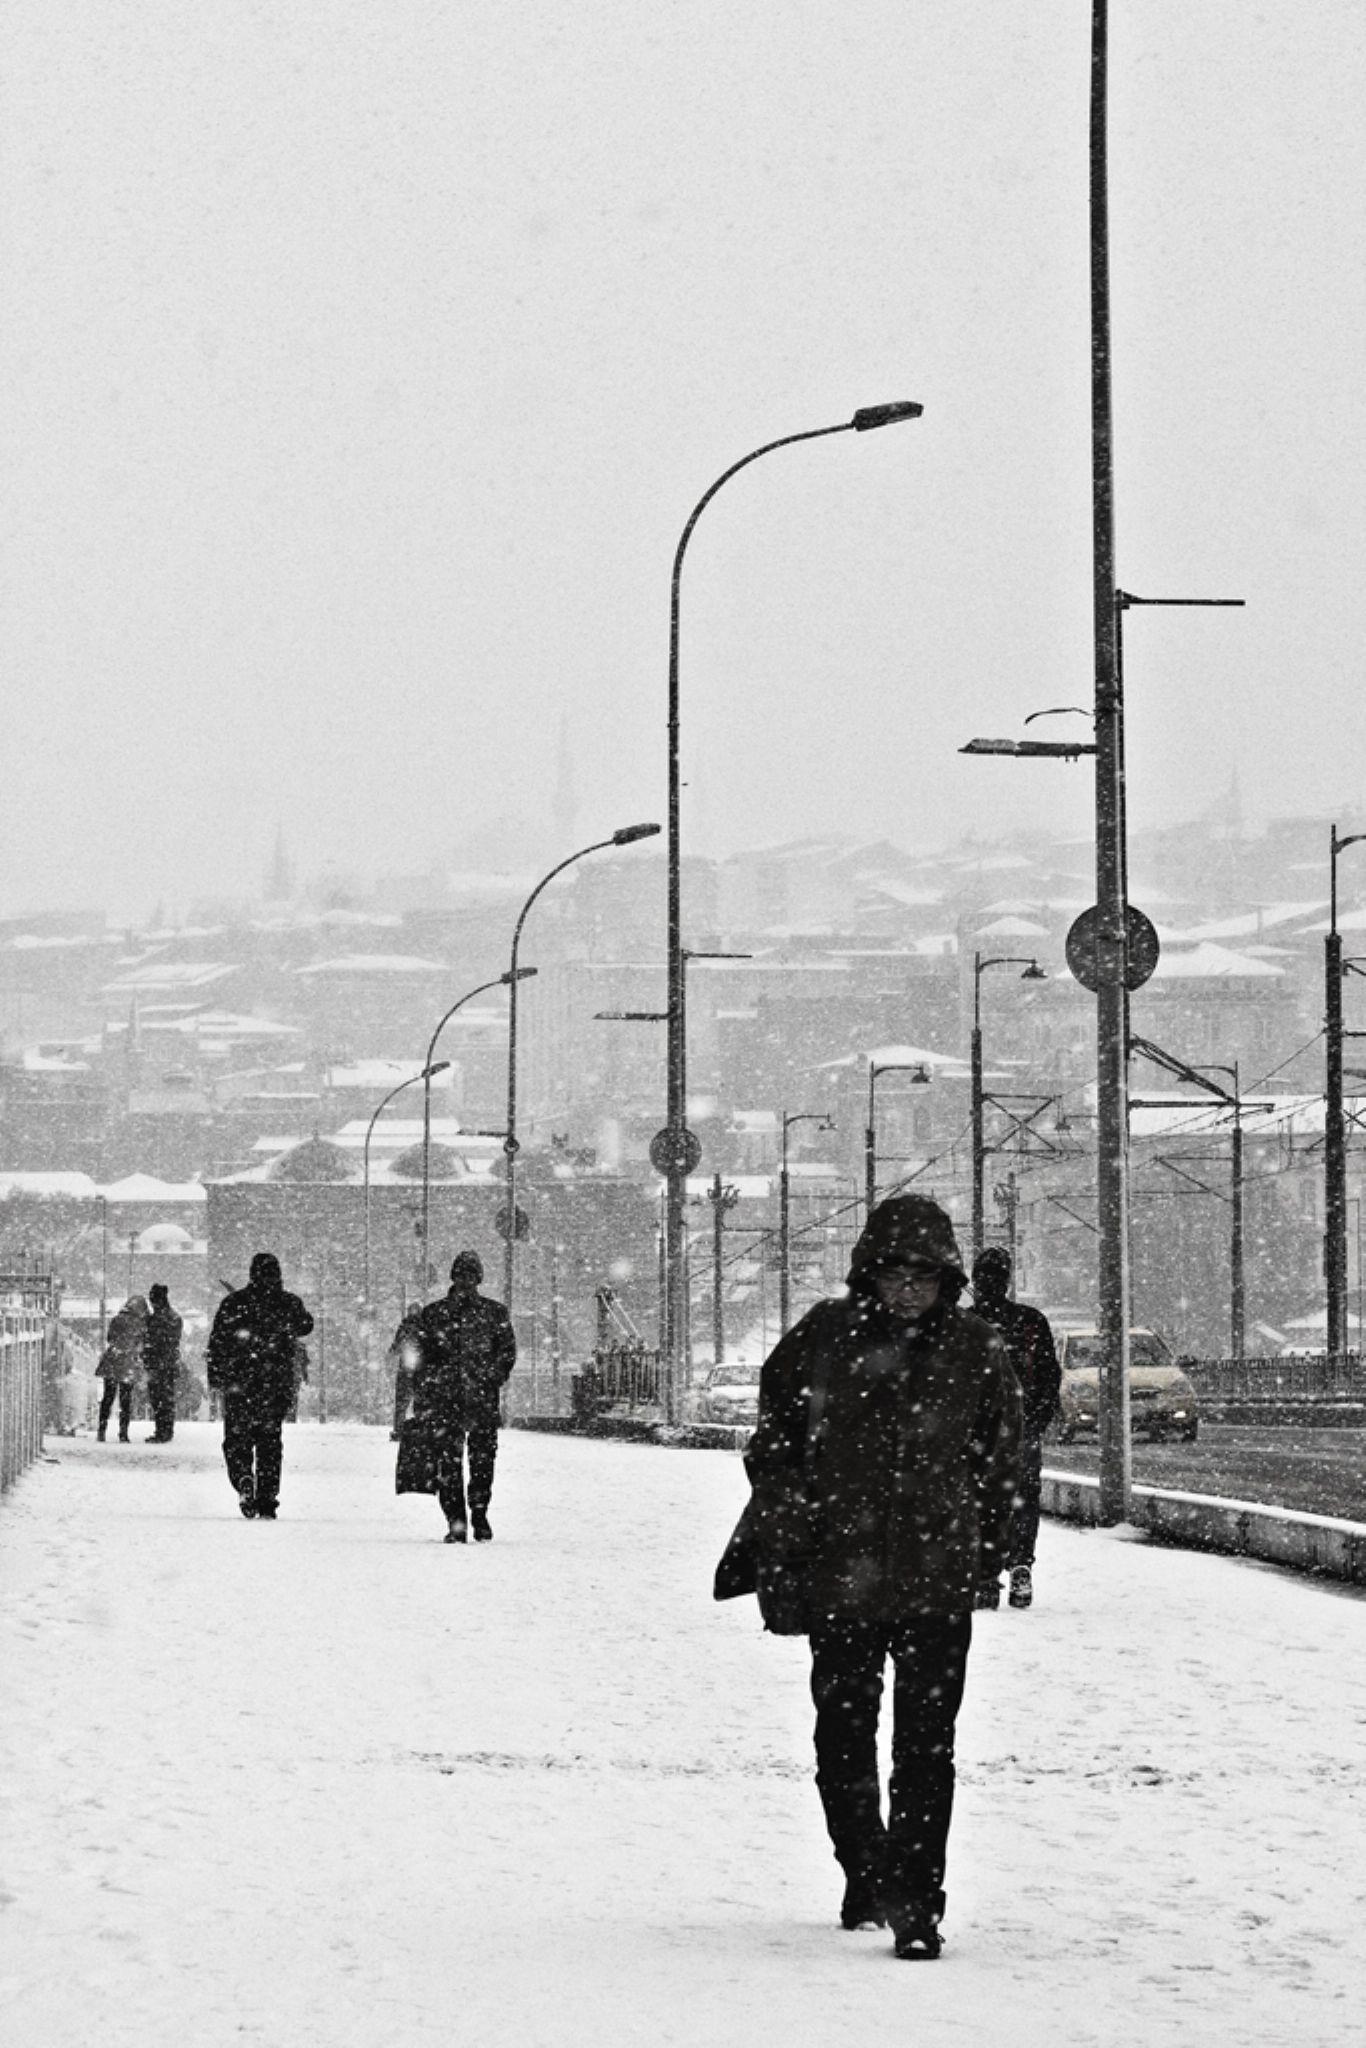 winter by hllpl